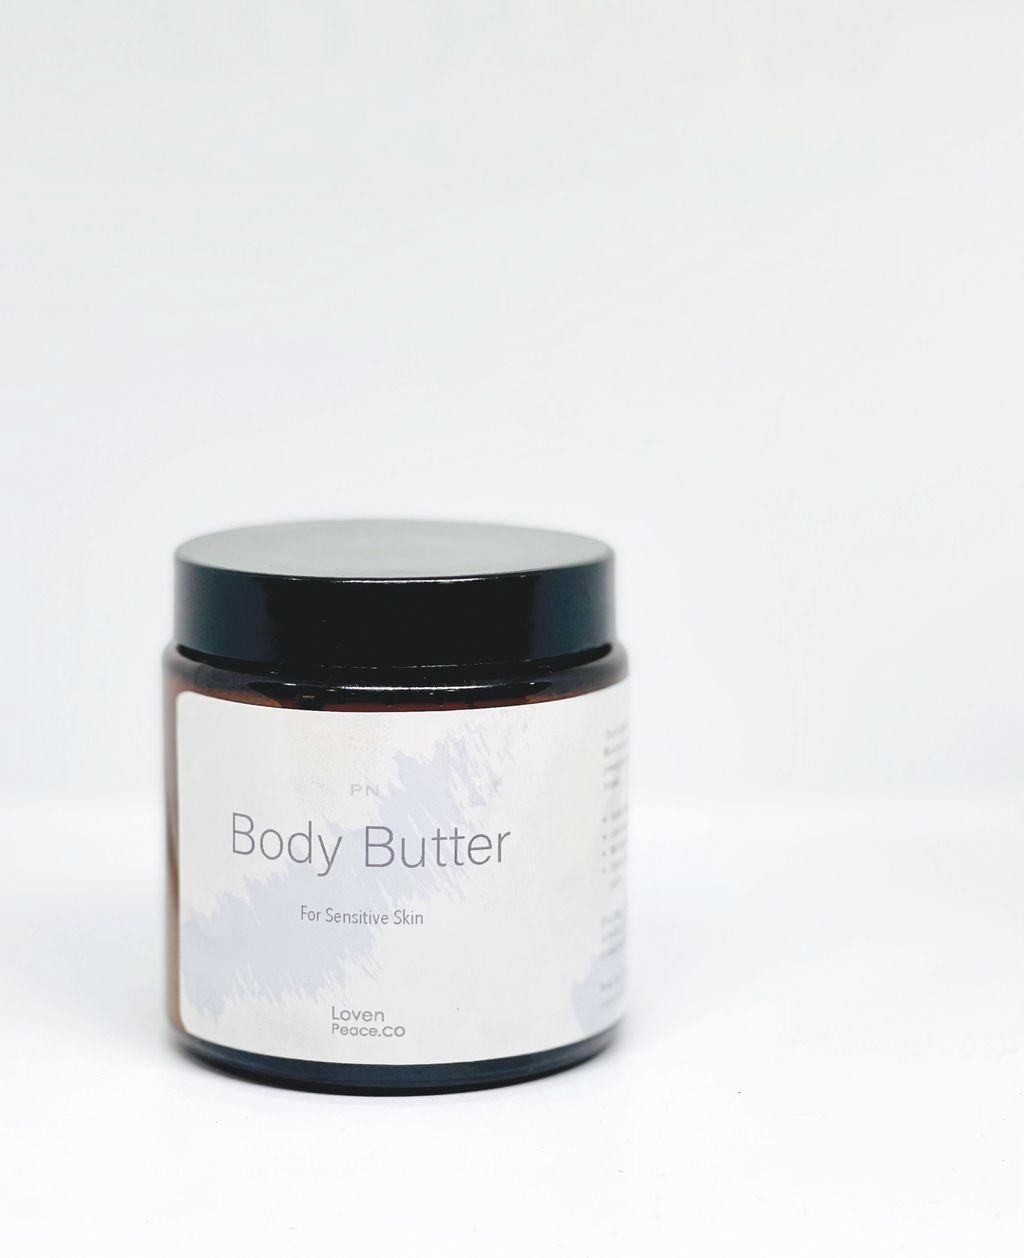 for sensitive skin body butter.jpg